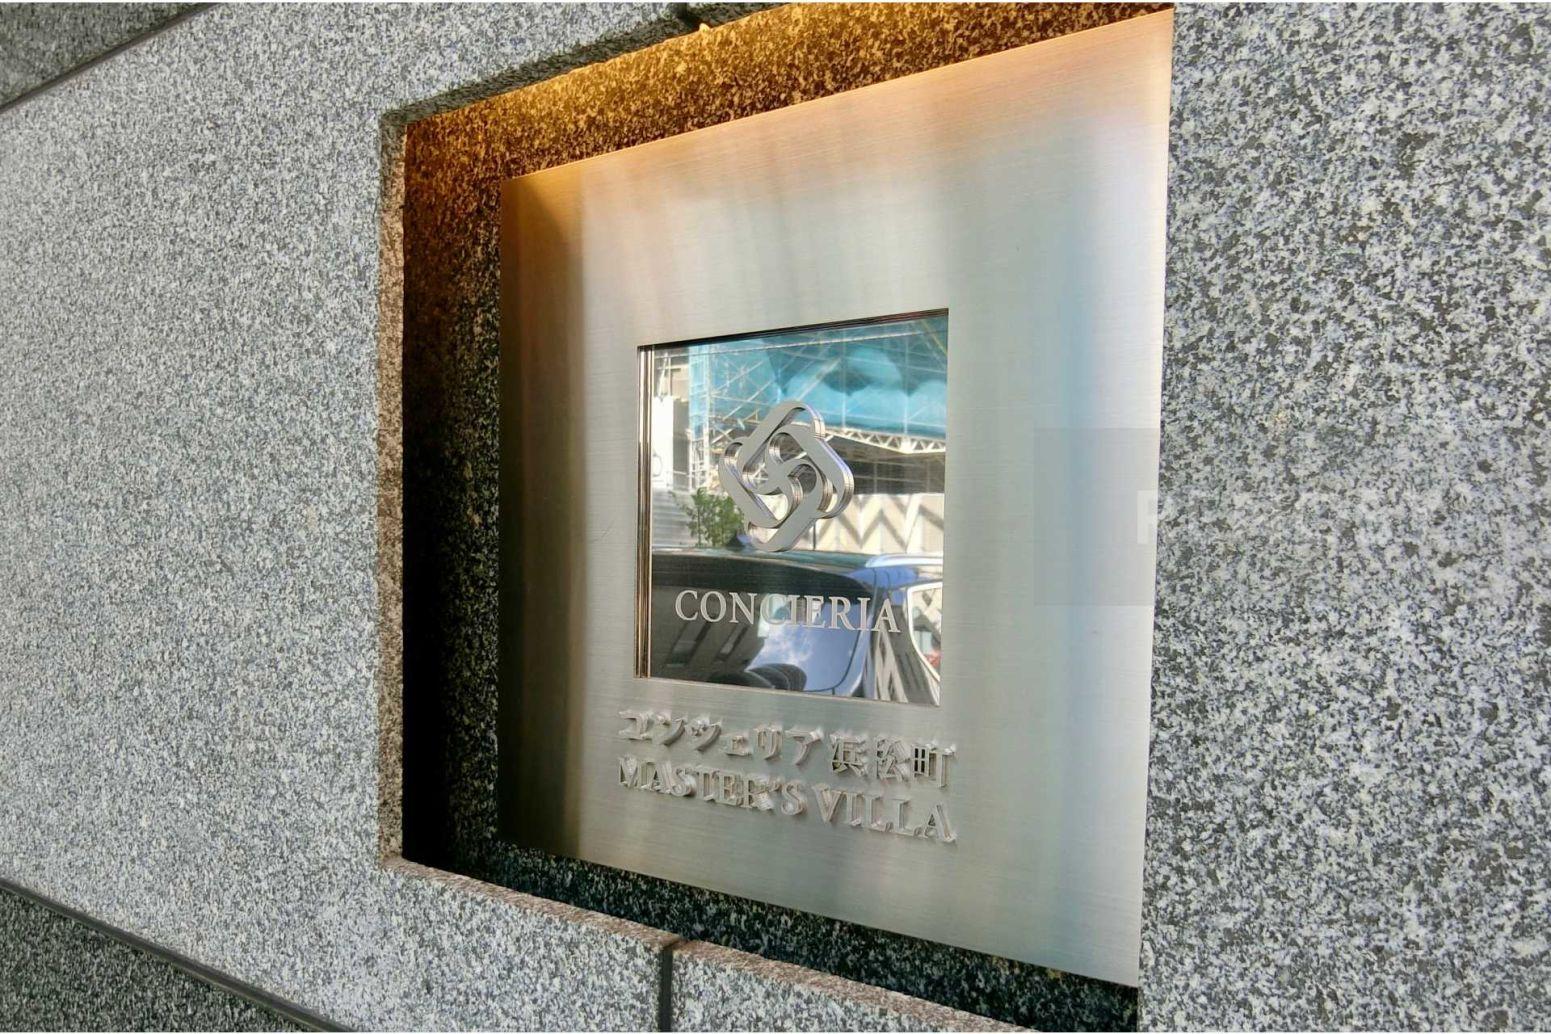 コンシェリア浜松町マスターズビラ